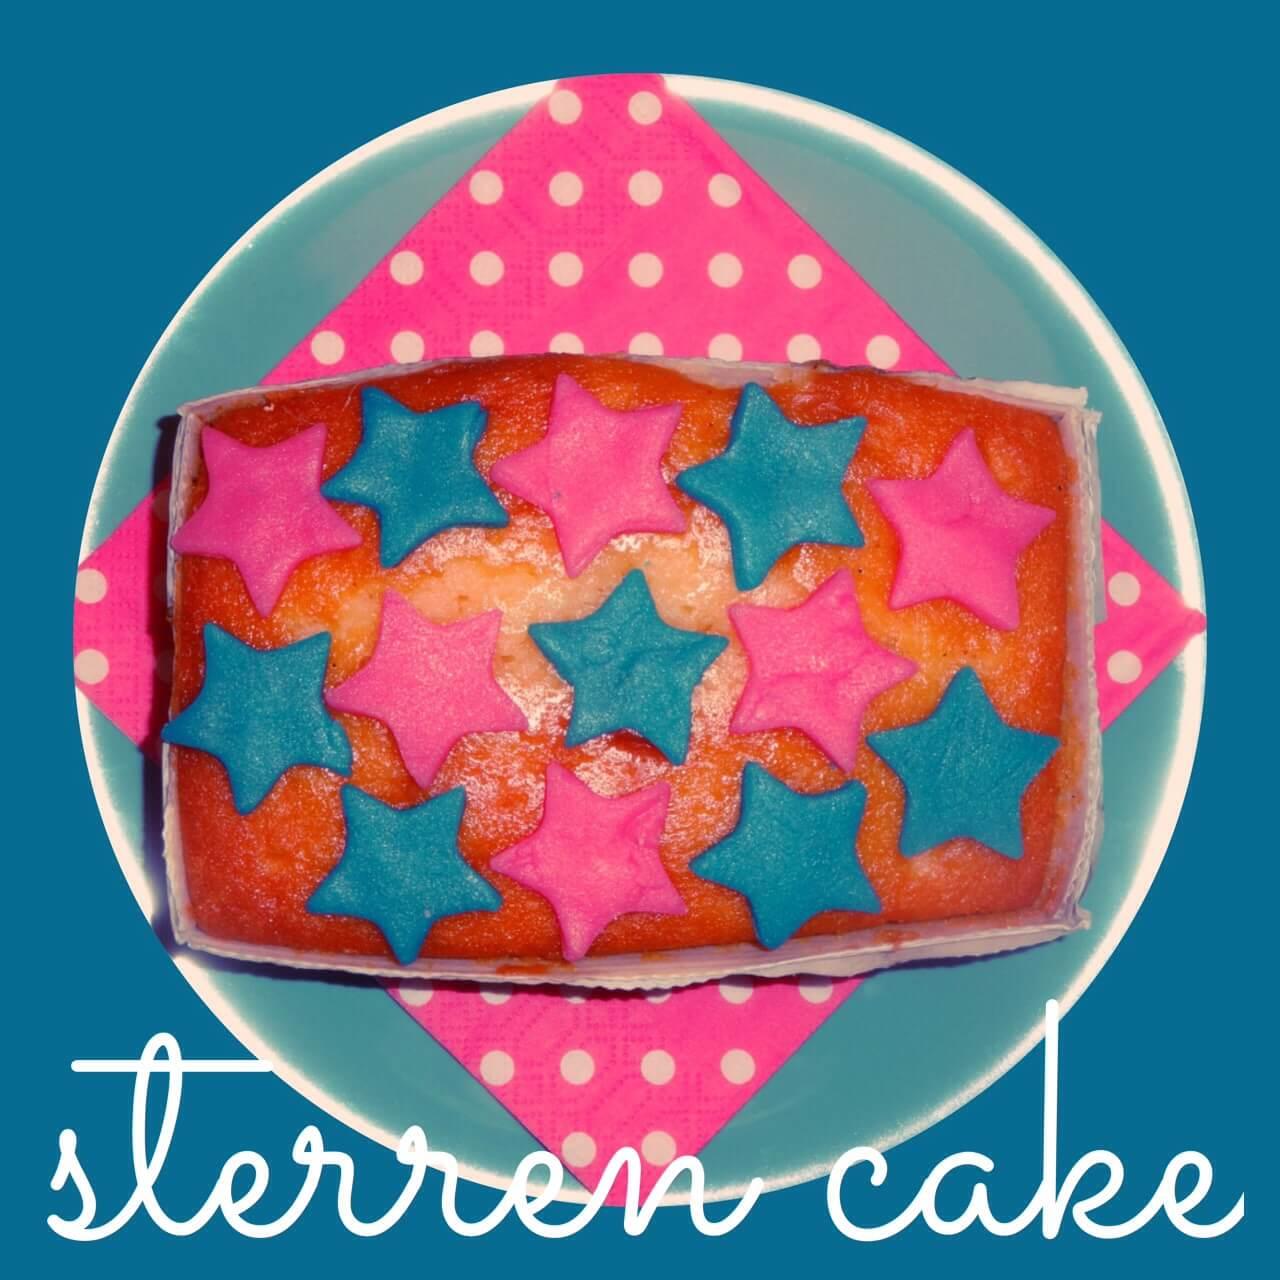 Snelle sterren cake: een recept